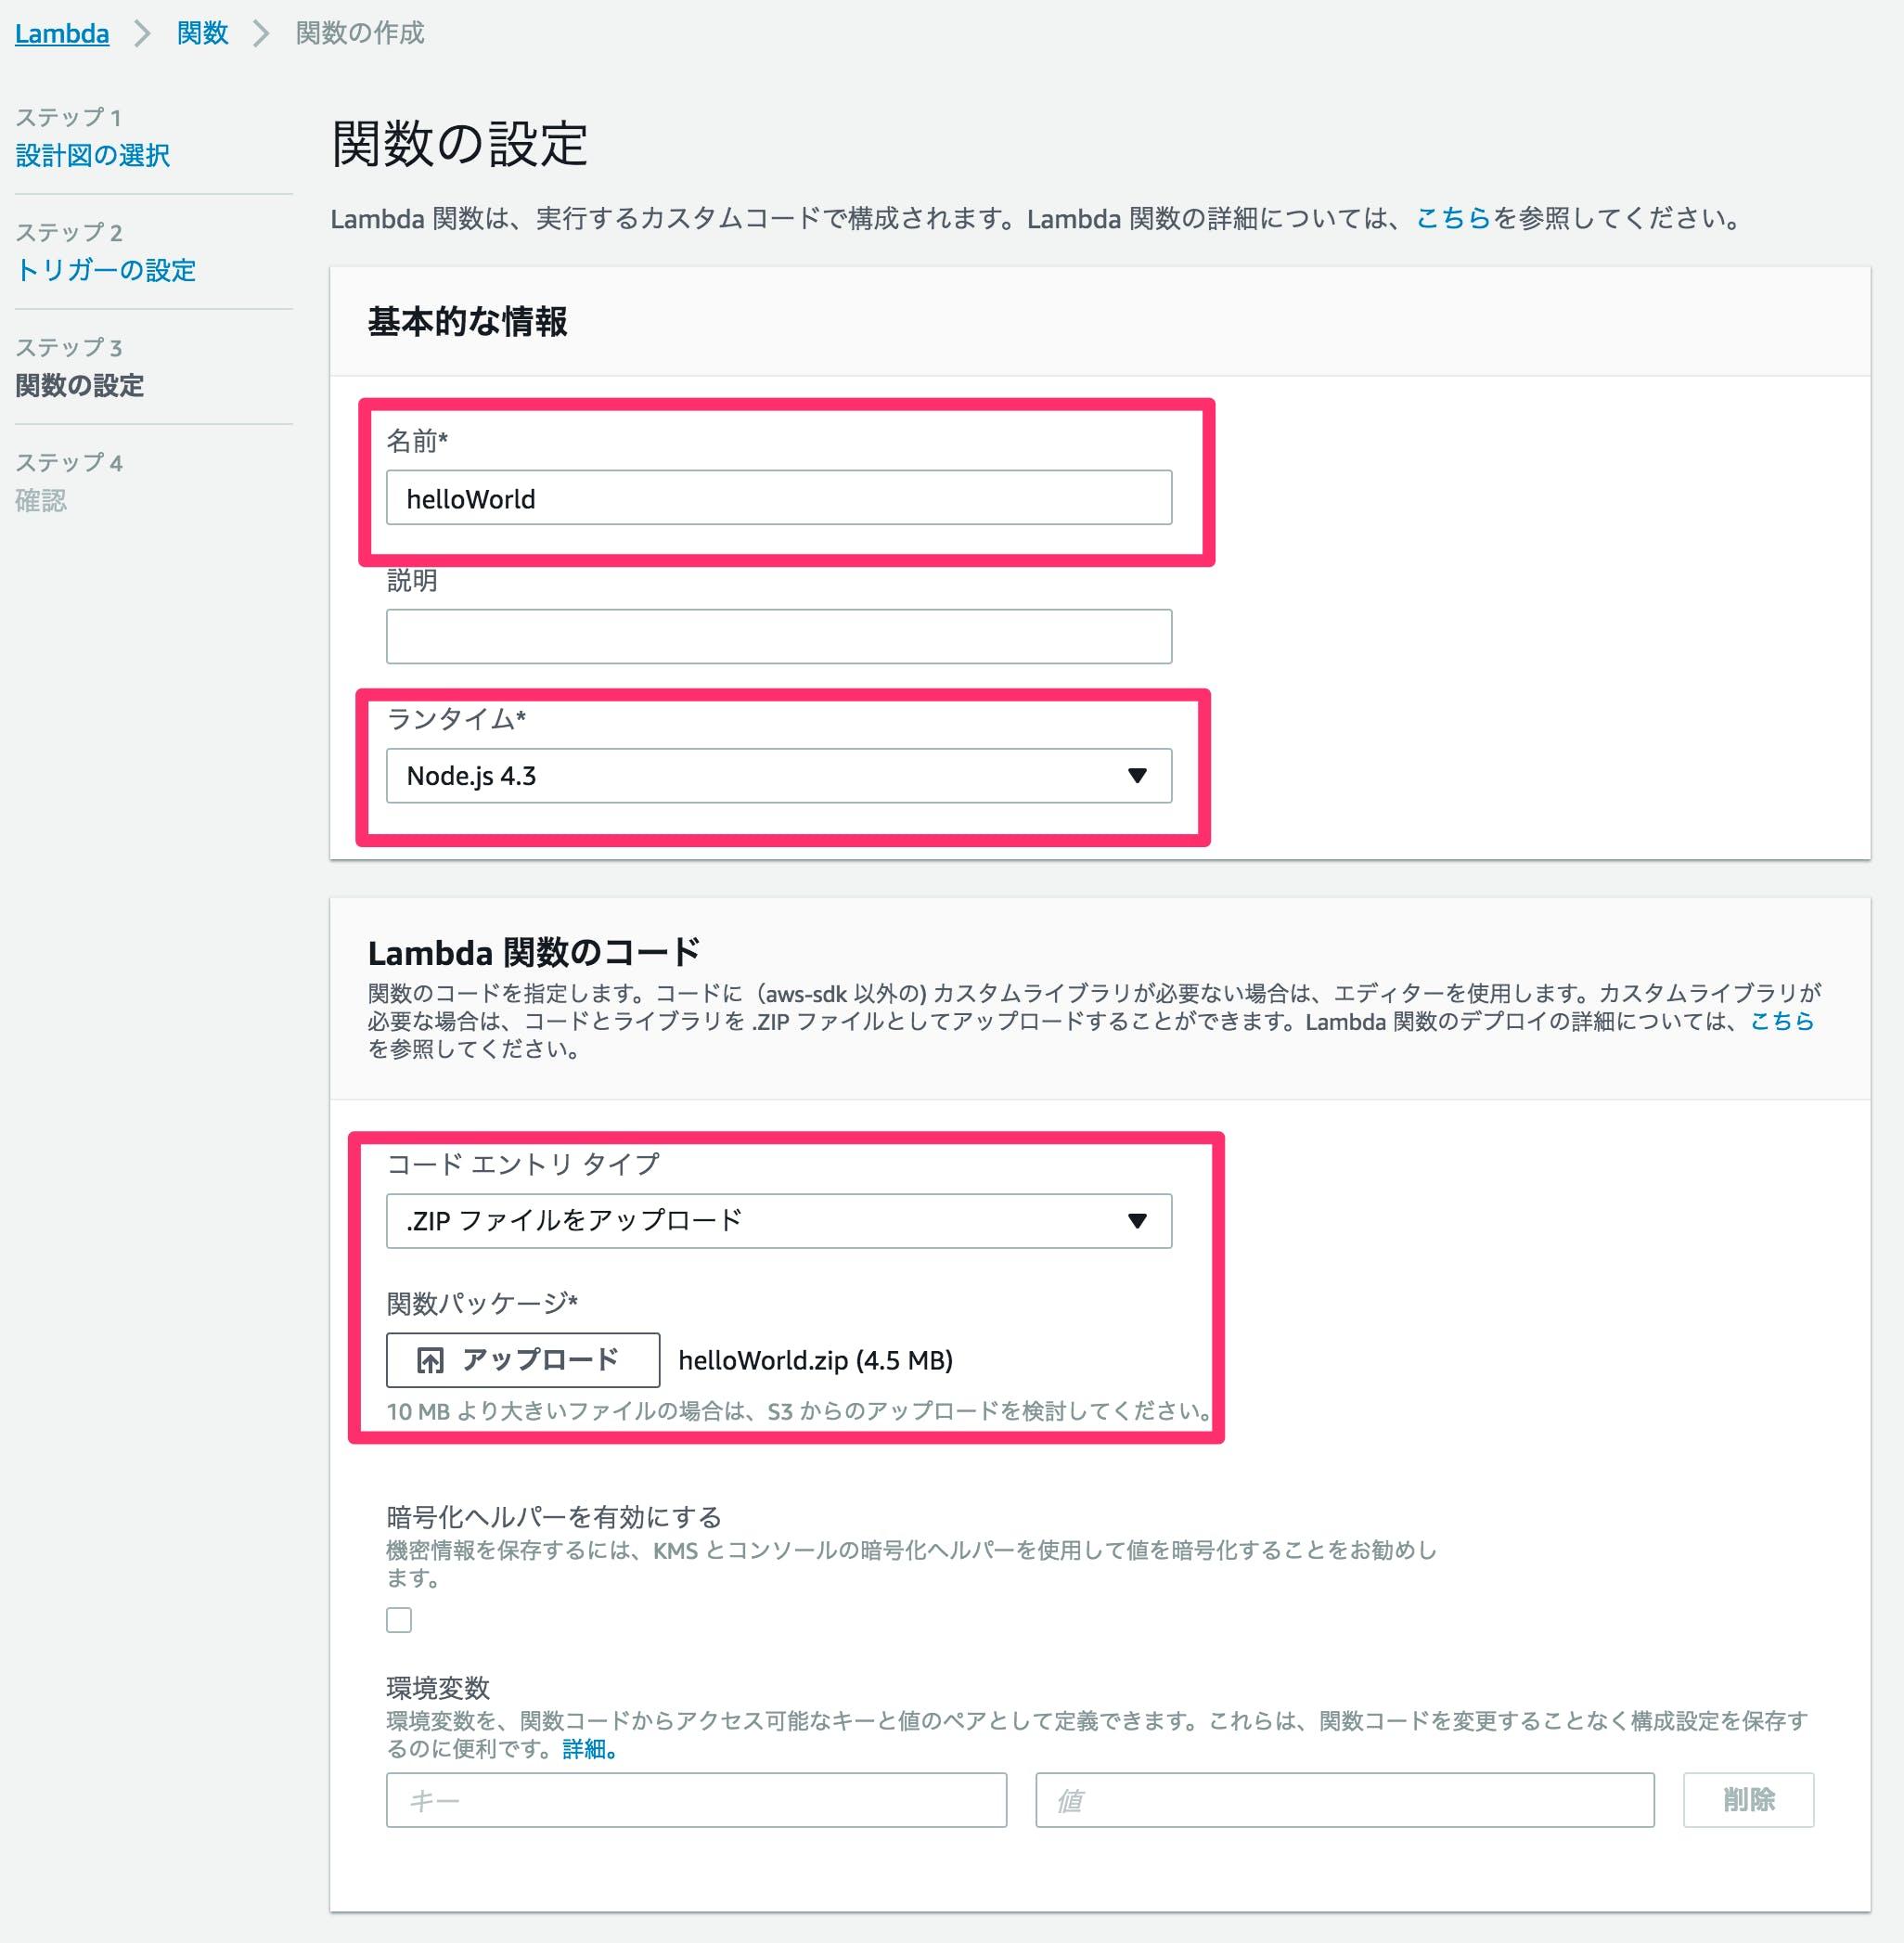 スクリーンショット_2017-08-27_16_59_39.png